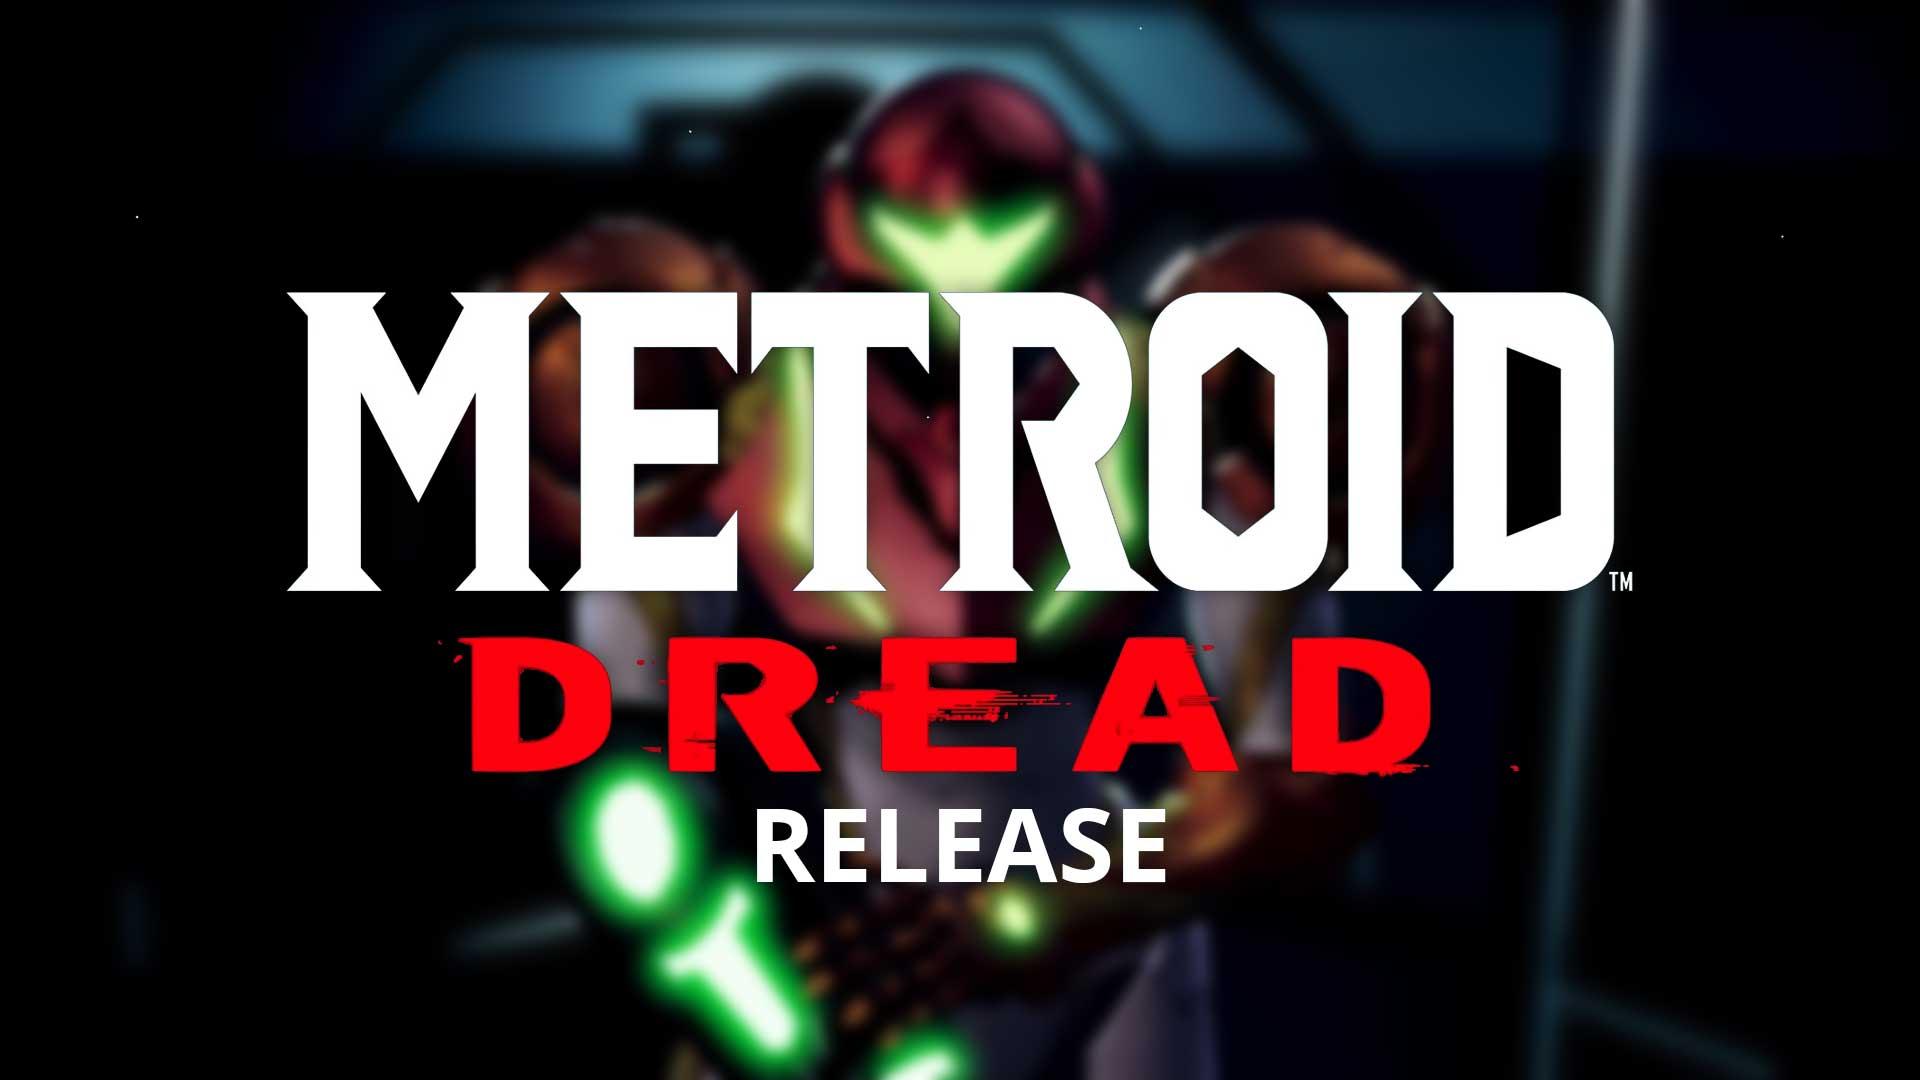 metroid dread release